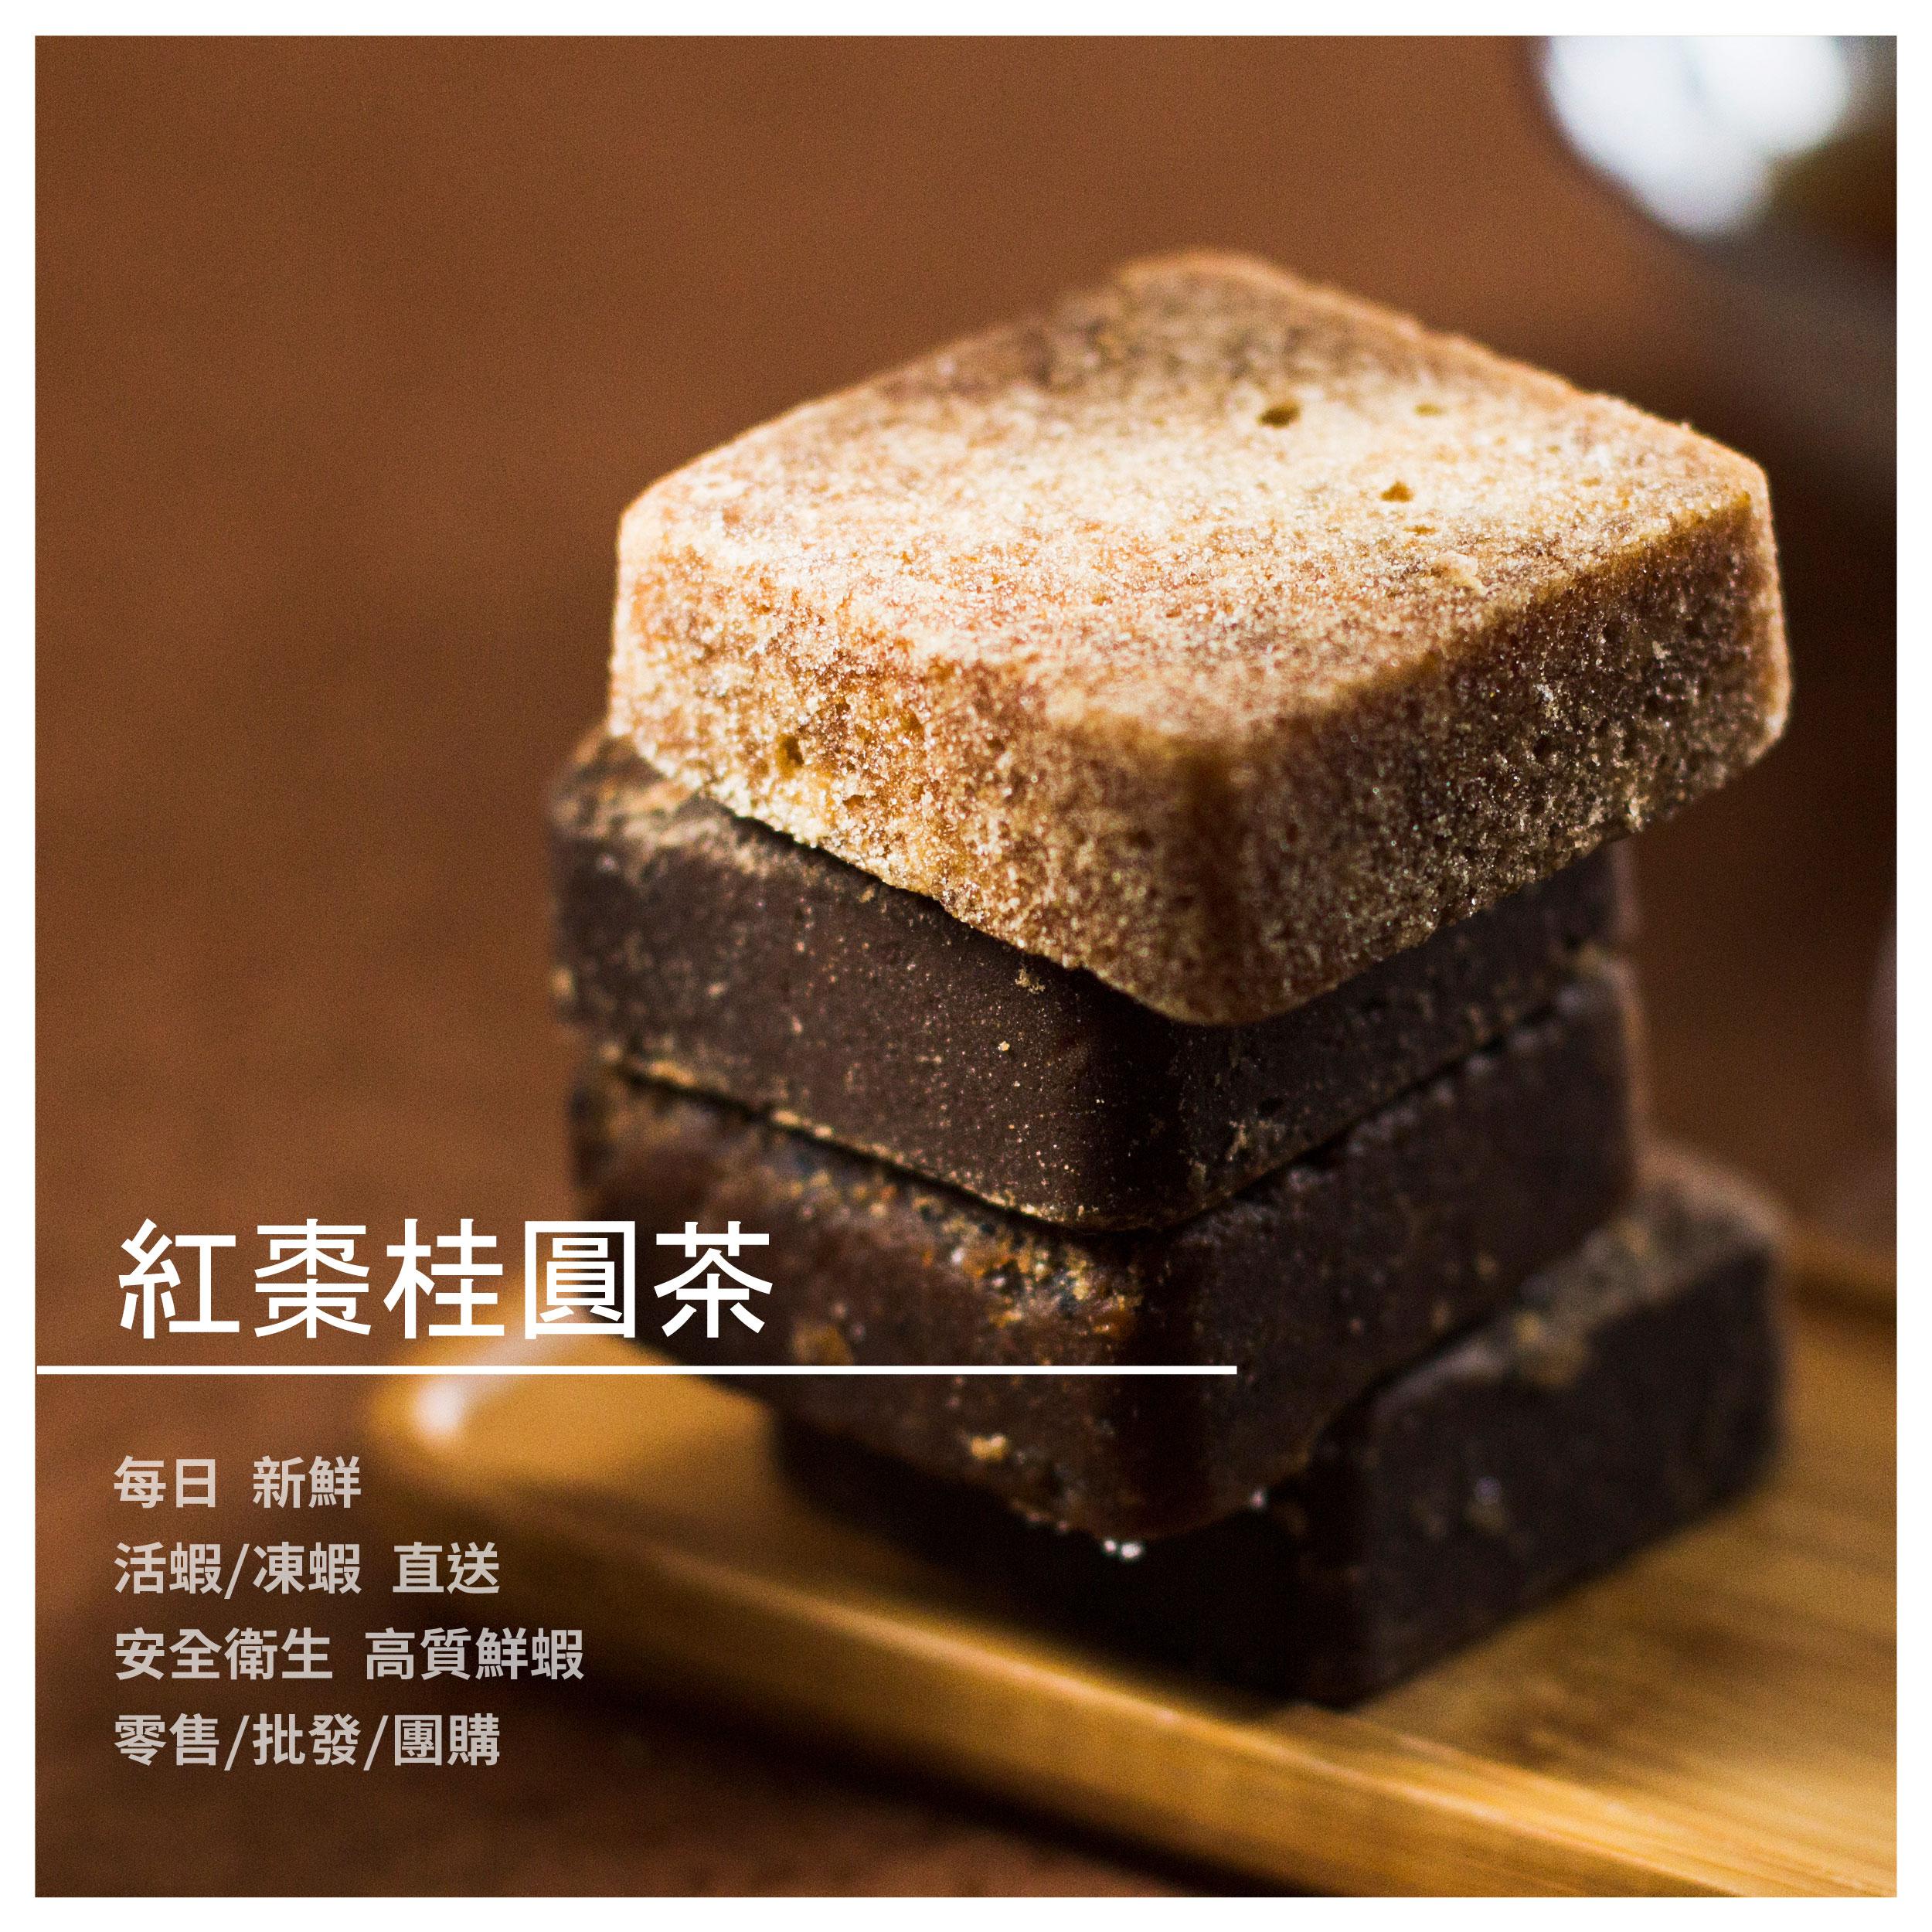 【黑金傳奇黑糖薑母茶】紅棗桂圓茶